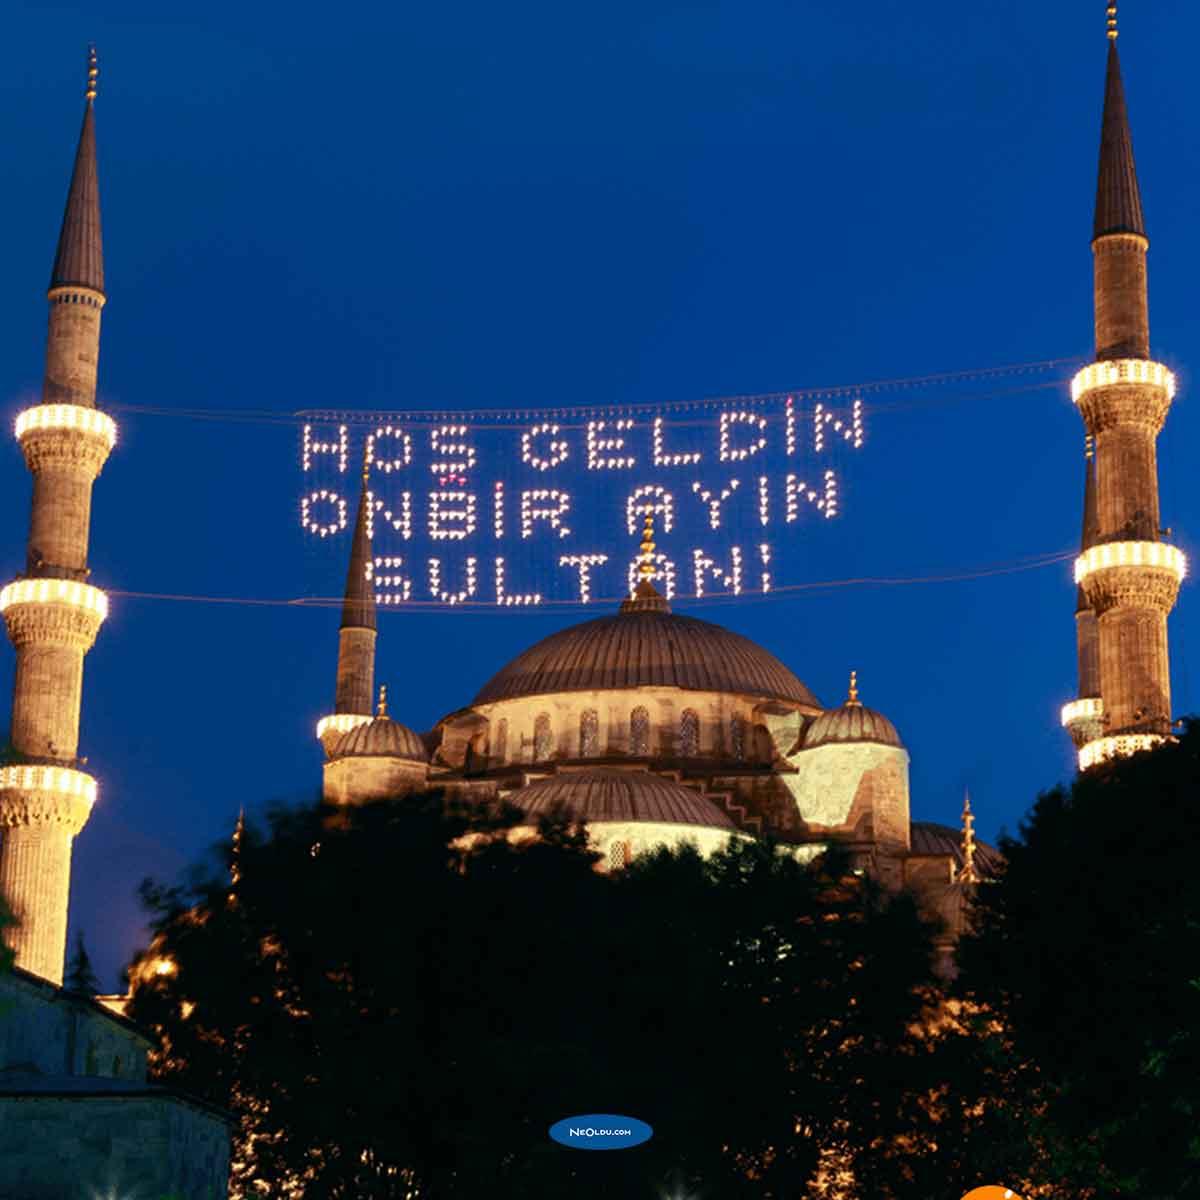 Peygamberimiz Ramazan Ayını Nasıl Geçirirdi